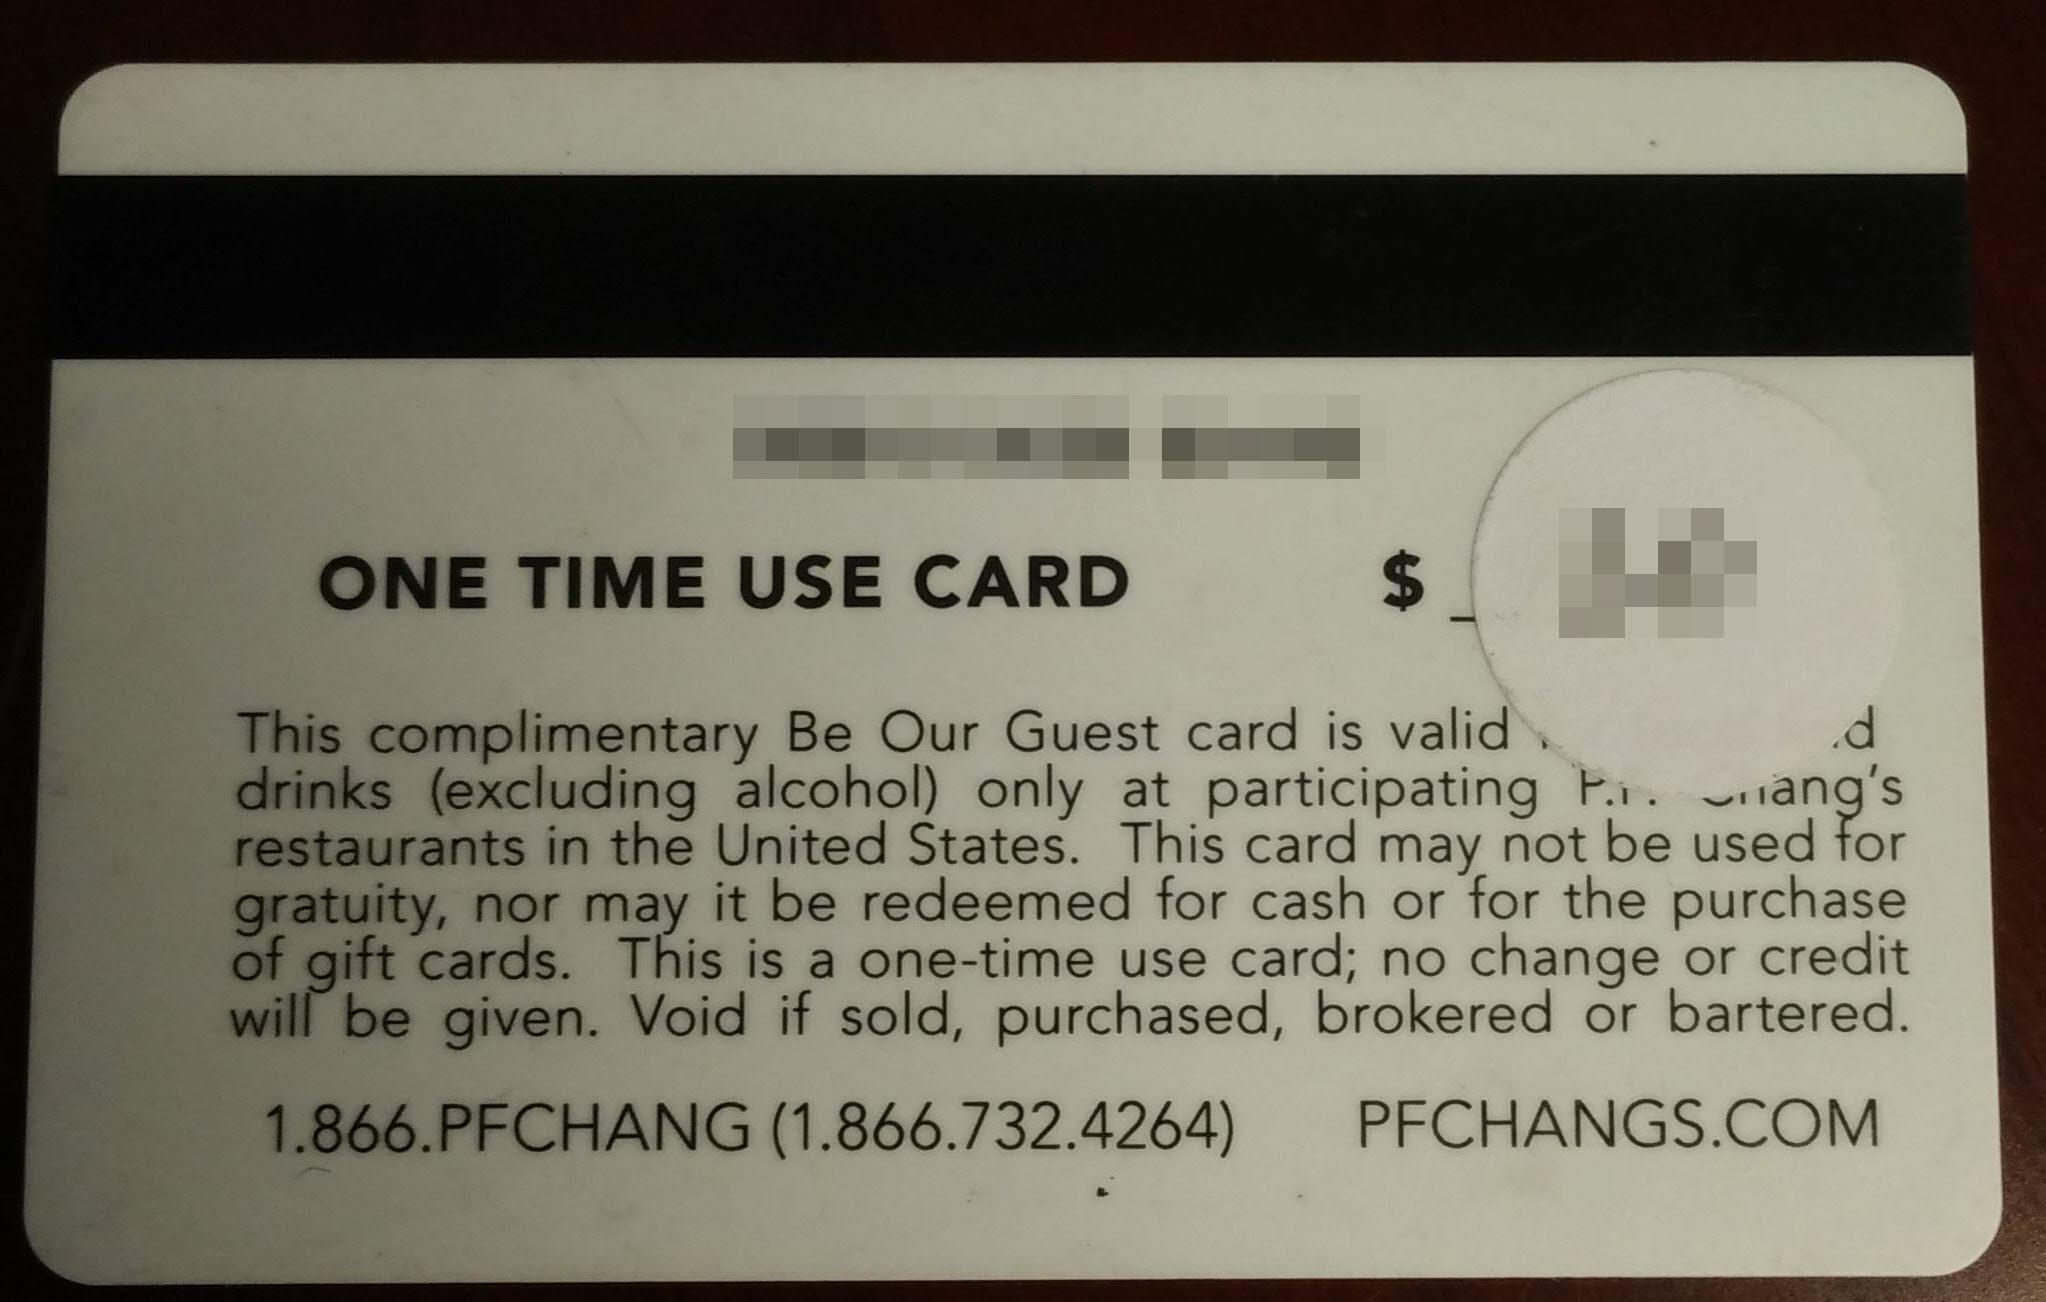 Giftcardbin coupon code